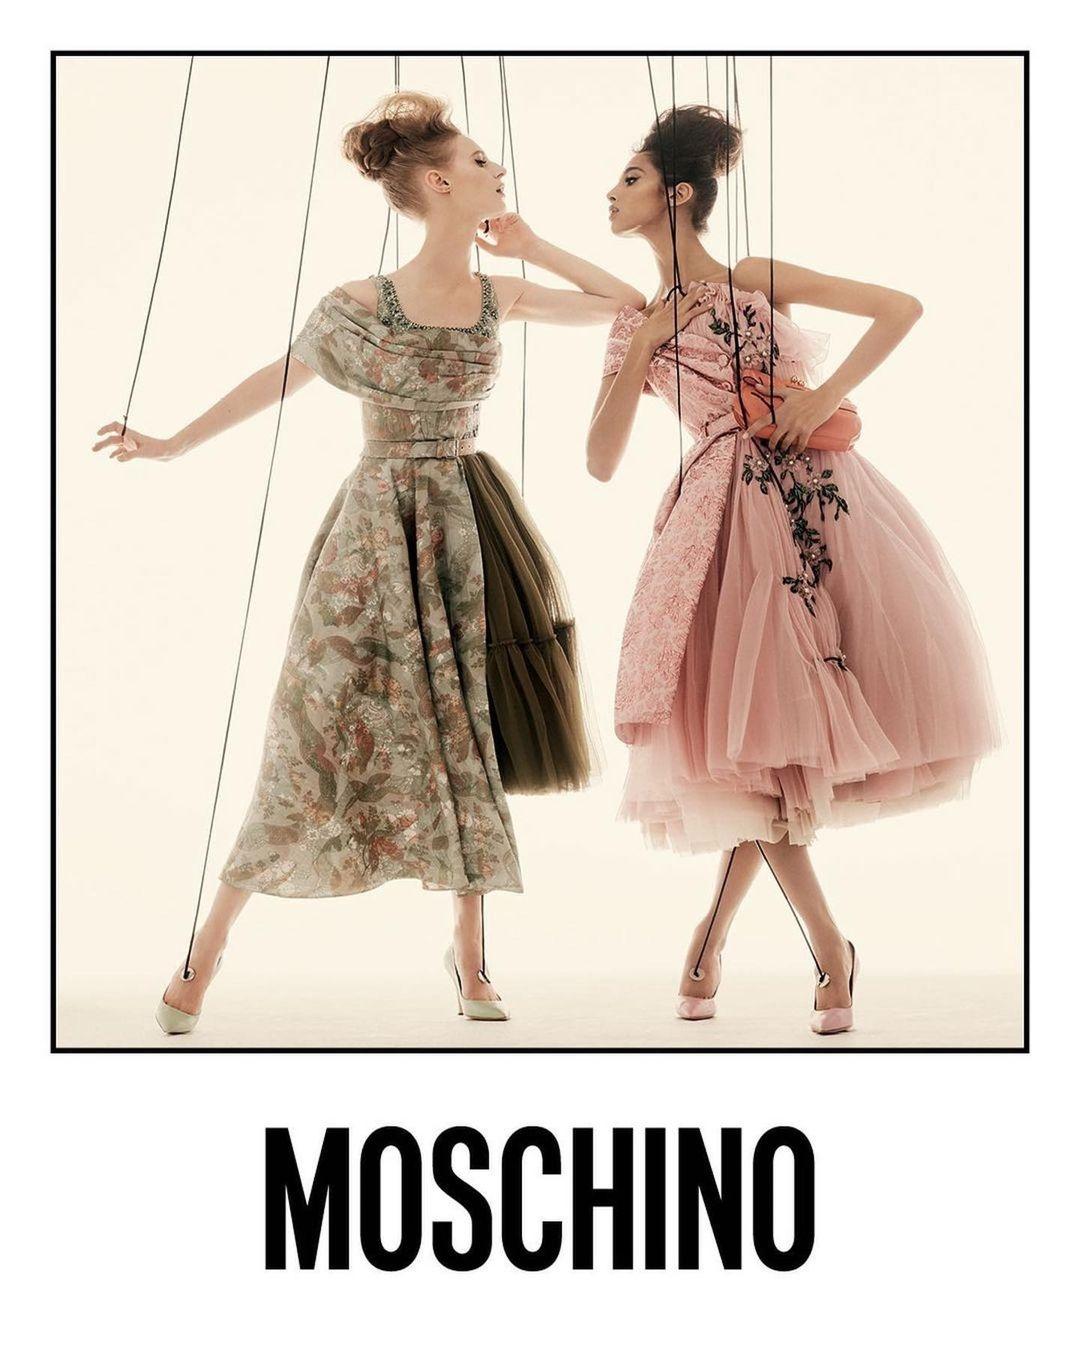 Ирина Шейк и Белла Хадид превратились в марионеток в новой рекламе Moschino (ФОТО) - фото №3